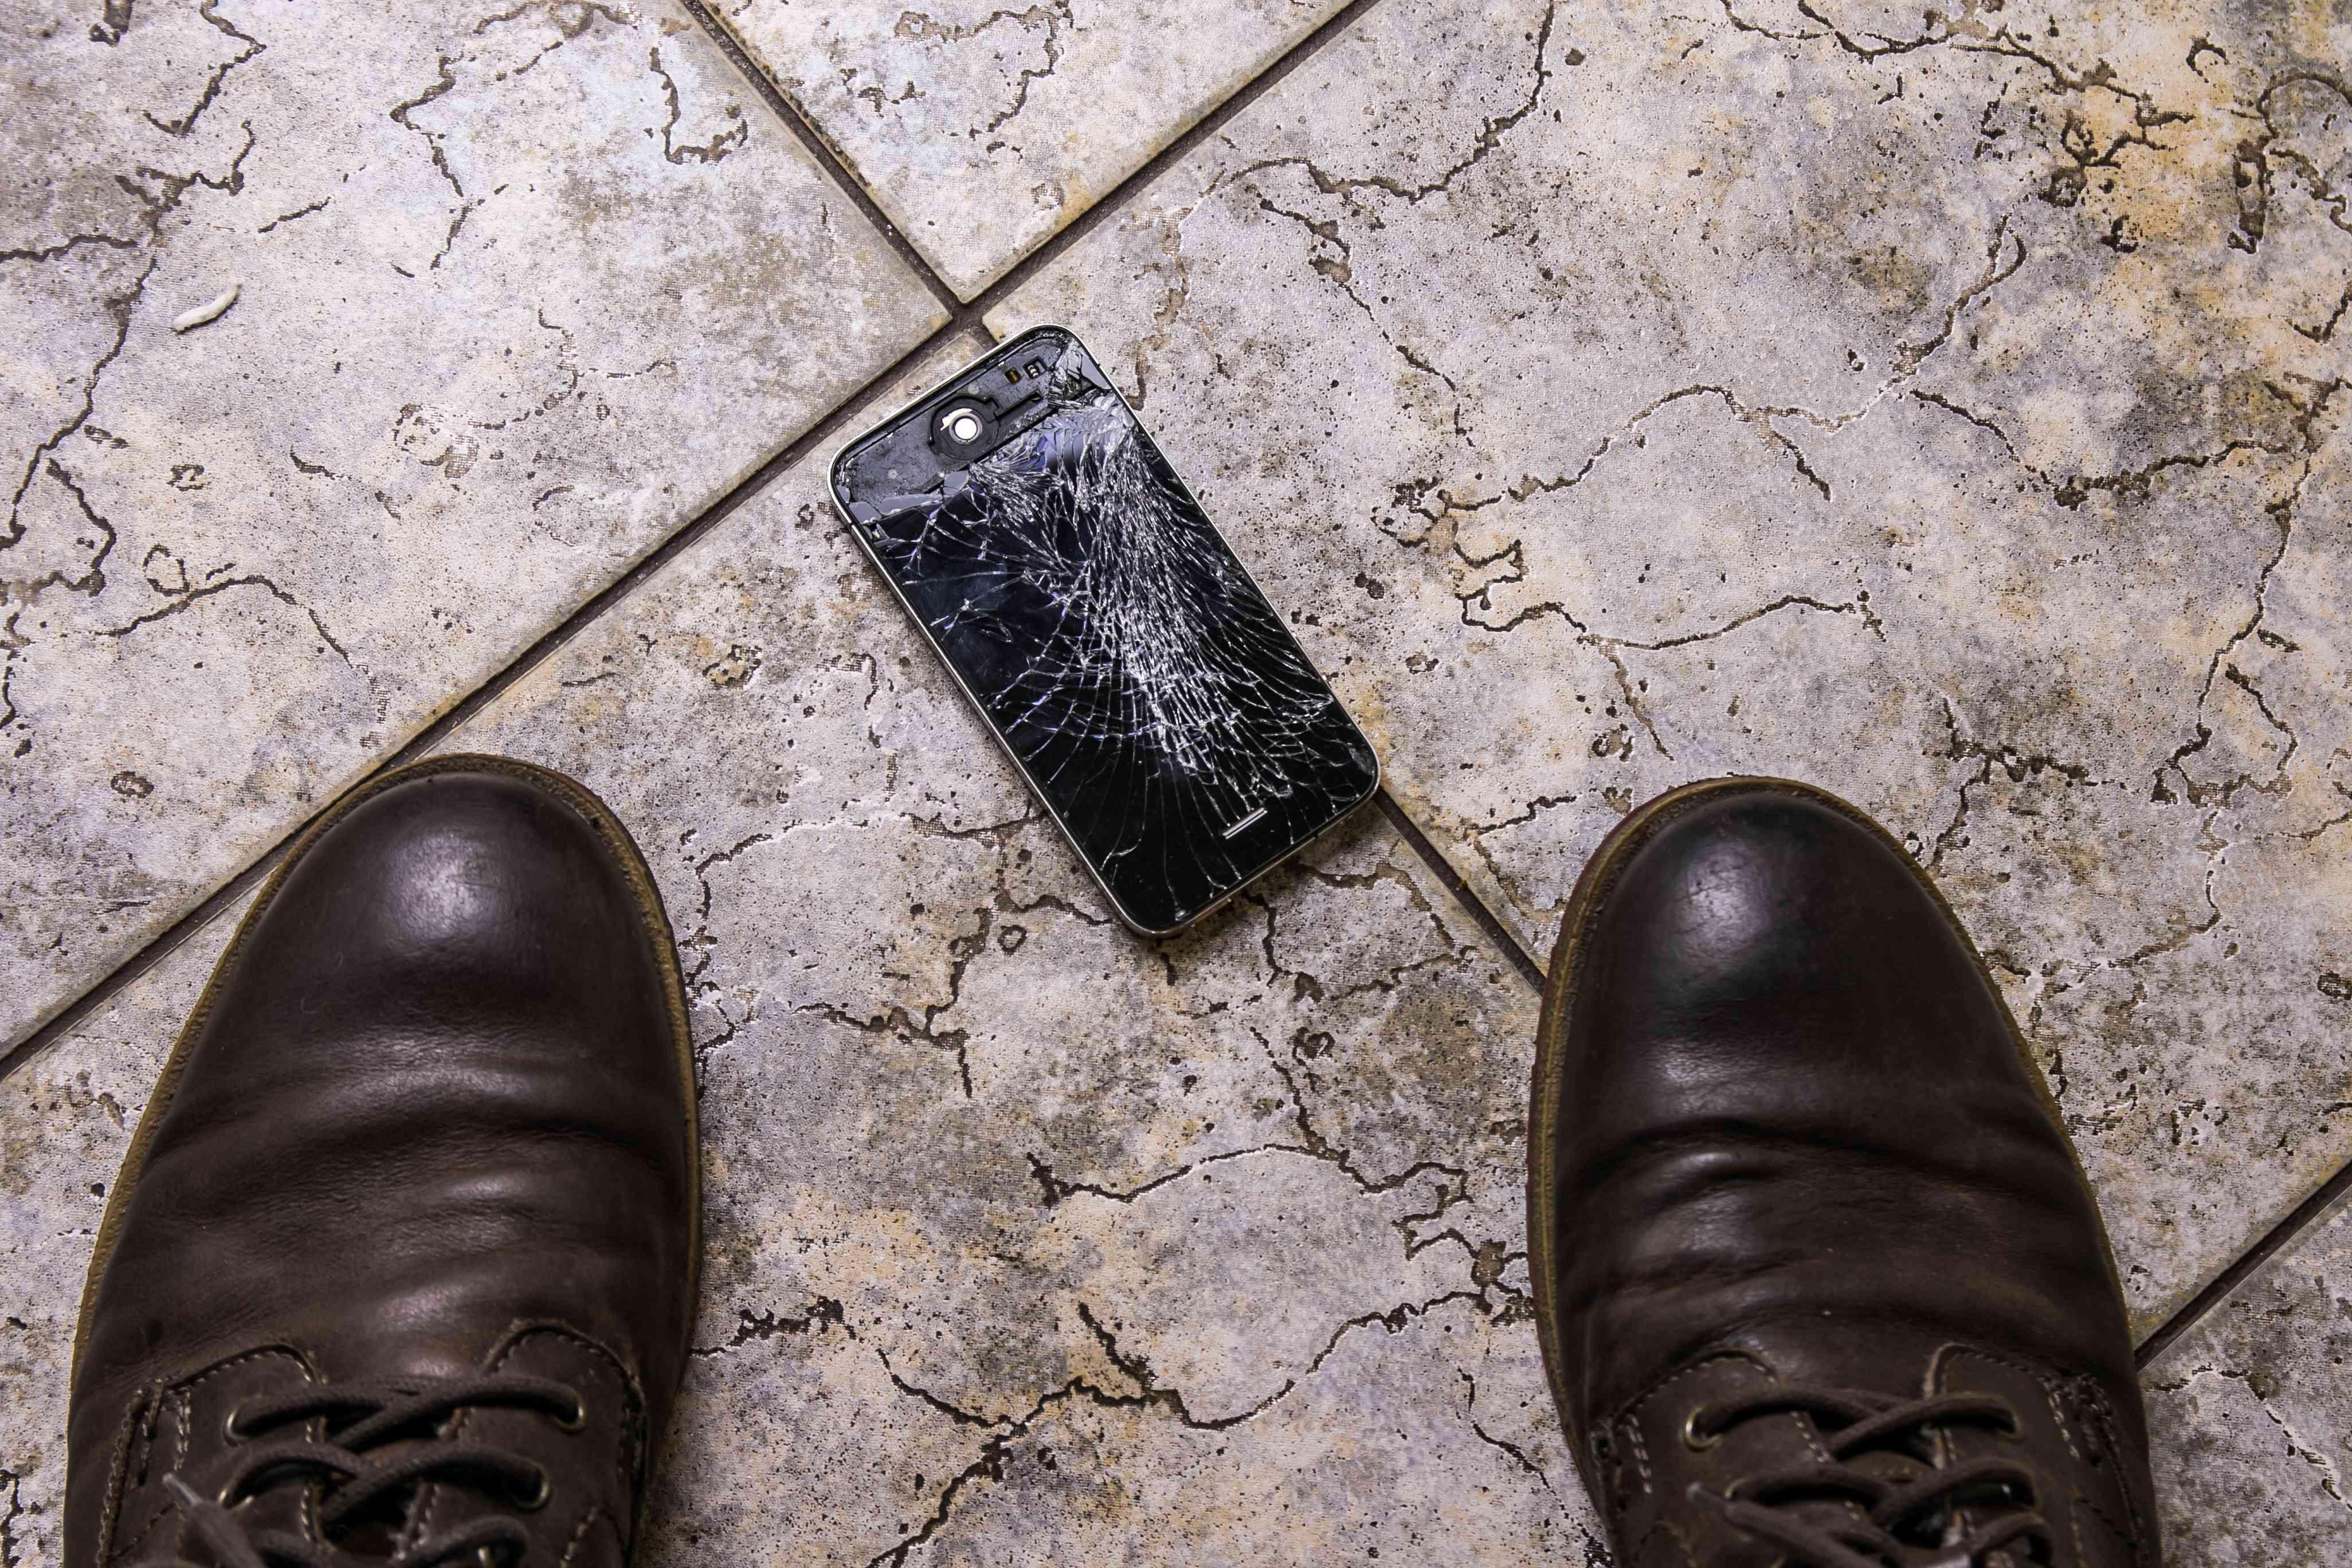 Apple recycling more broken iPhones